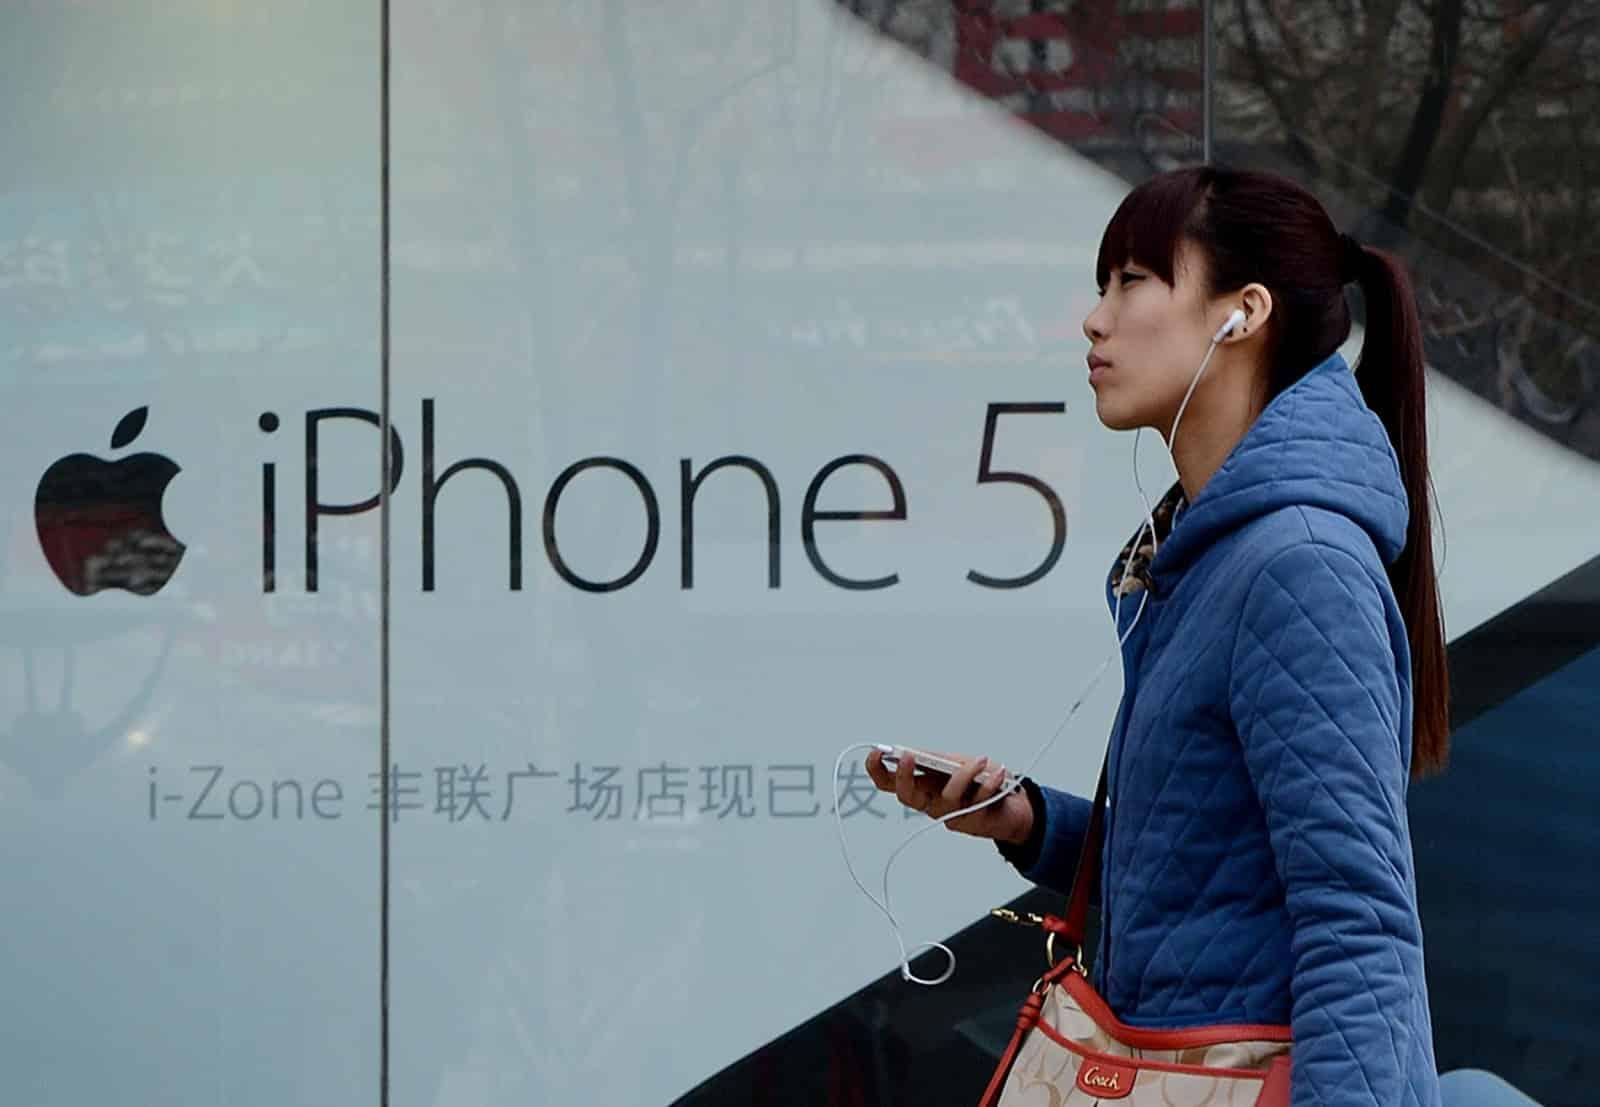 Apple consiguió por primera vez ser el fabricante de smartphones con más ventas en China.